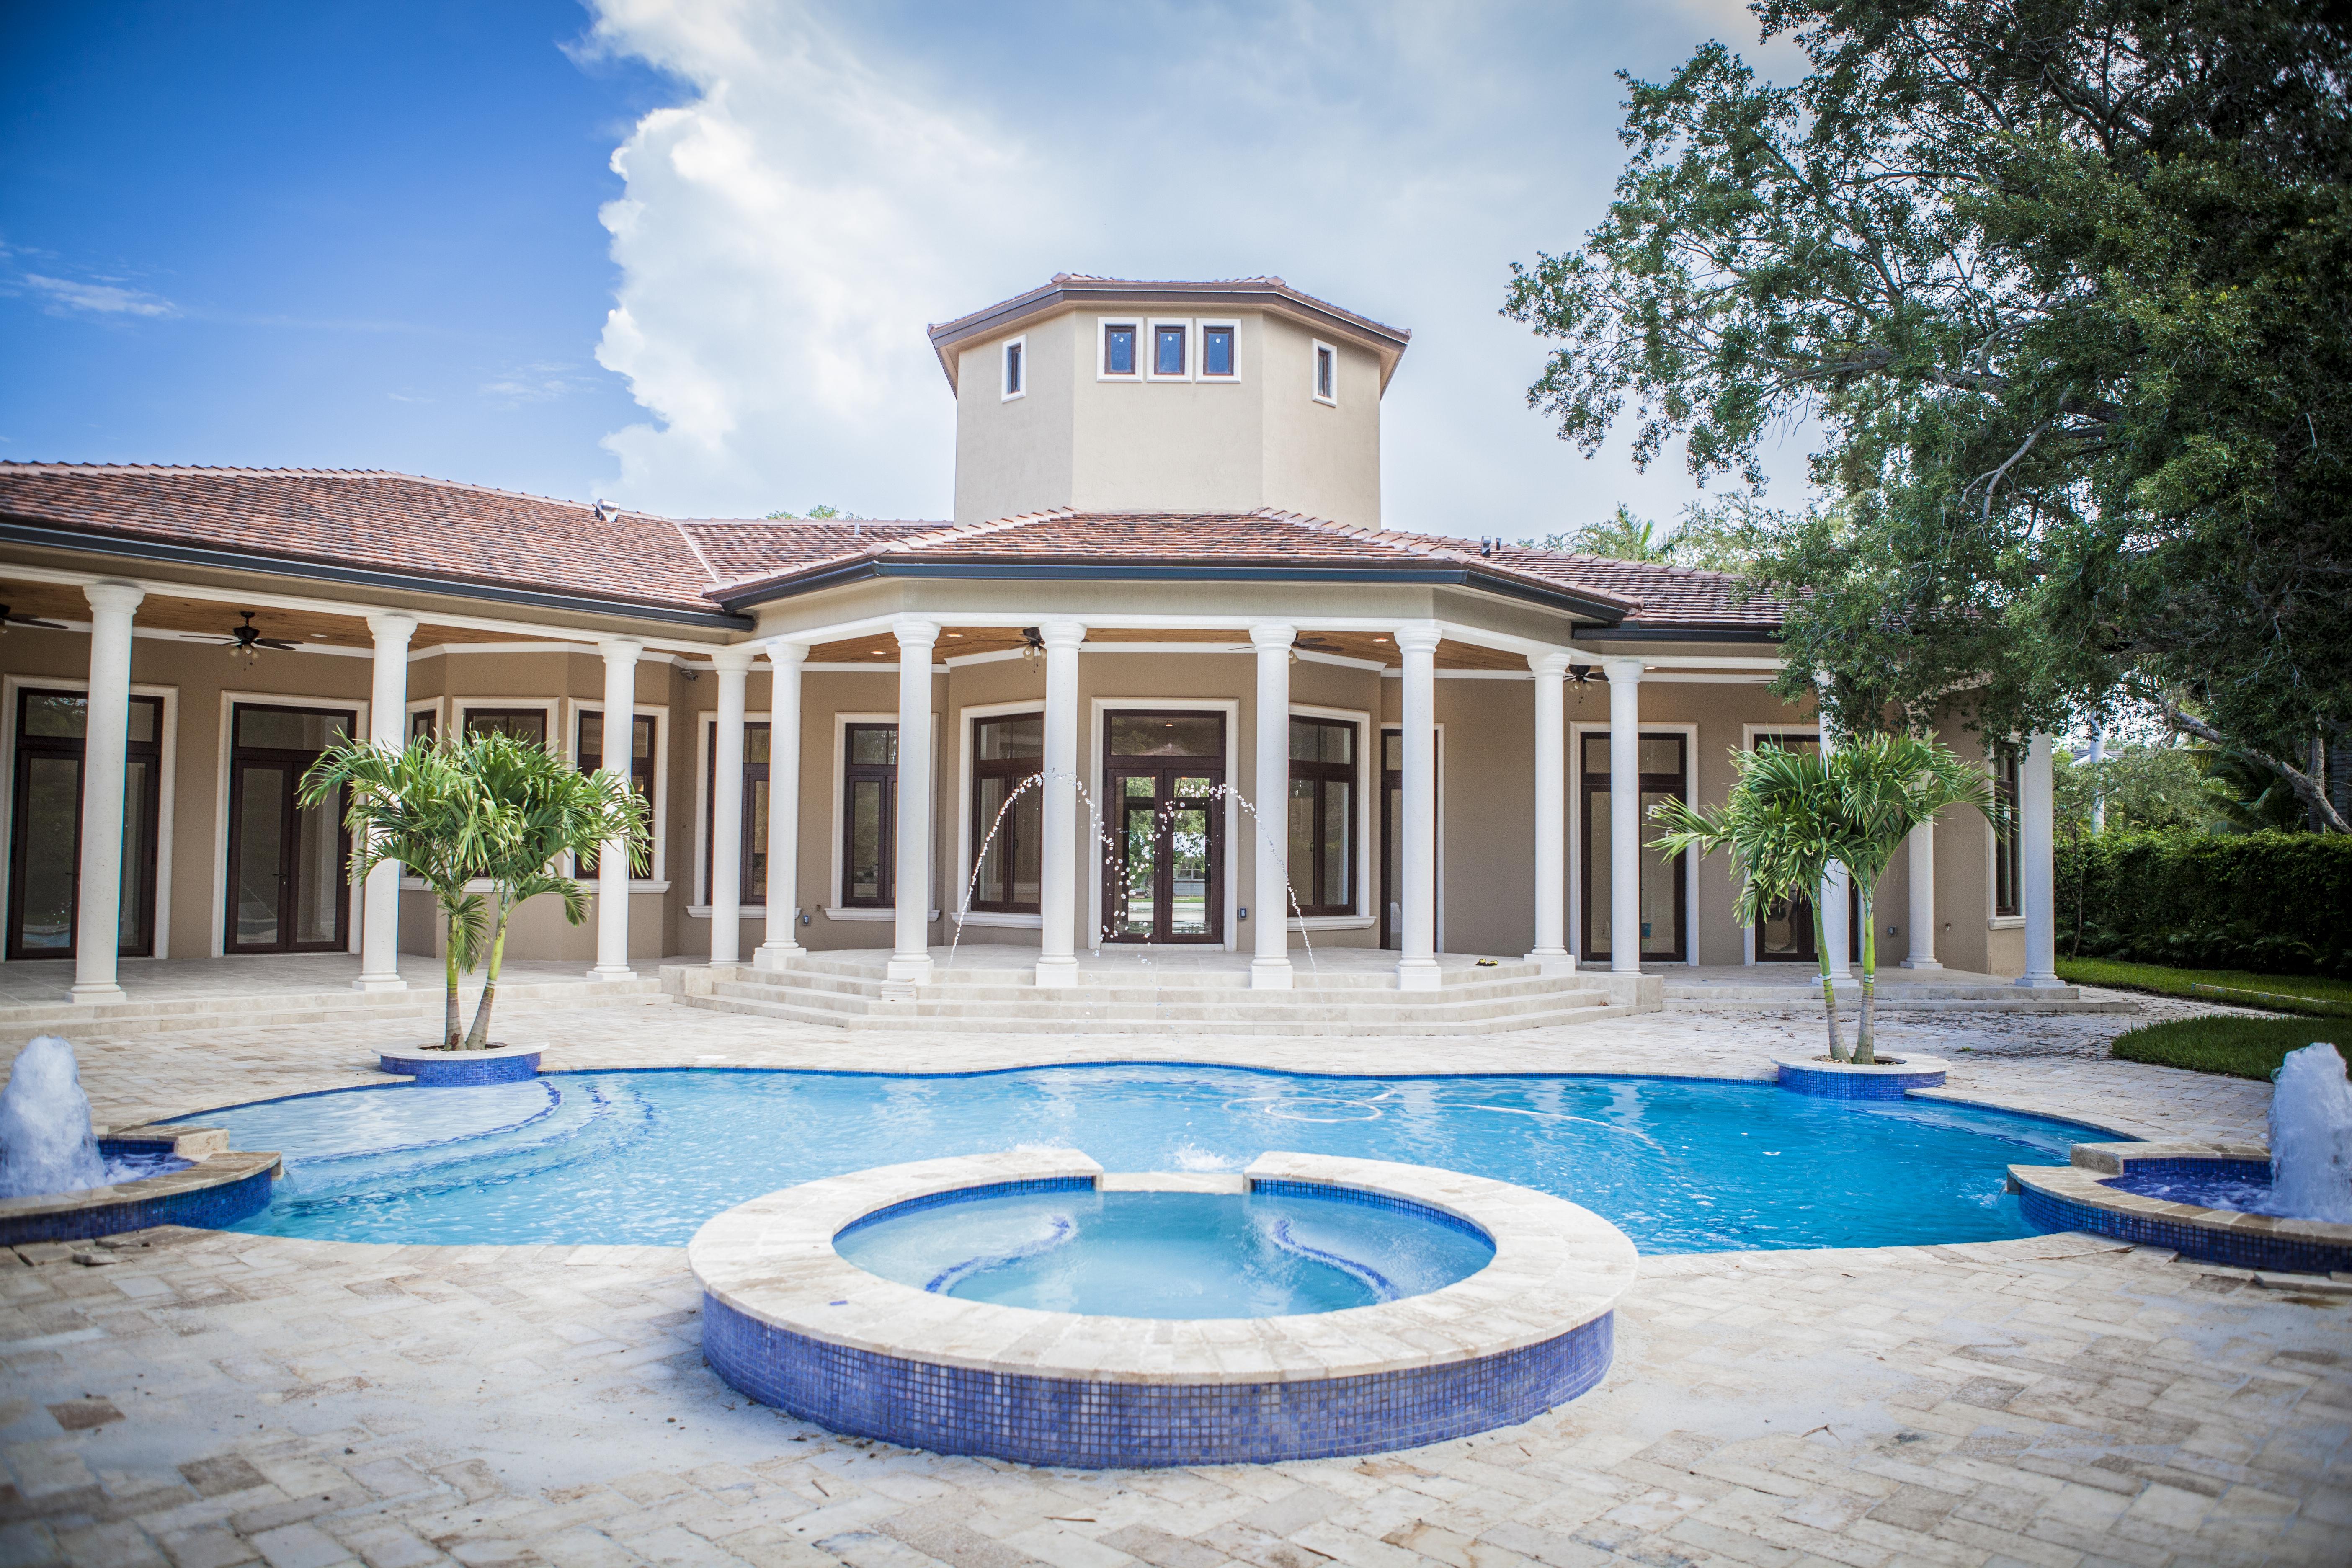 独户住宅 为 销售 在 7430 Sw 100 St 派恩克雷斯特, 佛罗里达州, 33156 美国